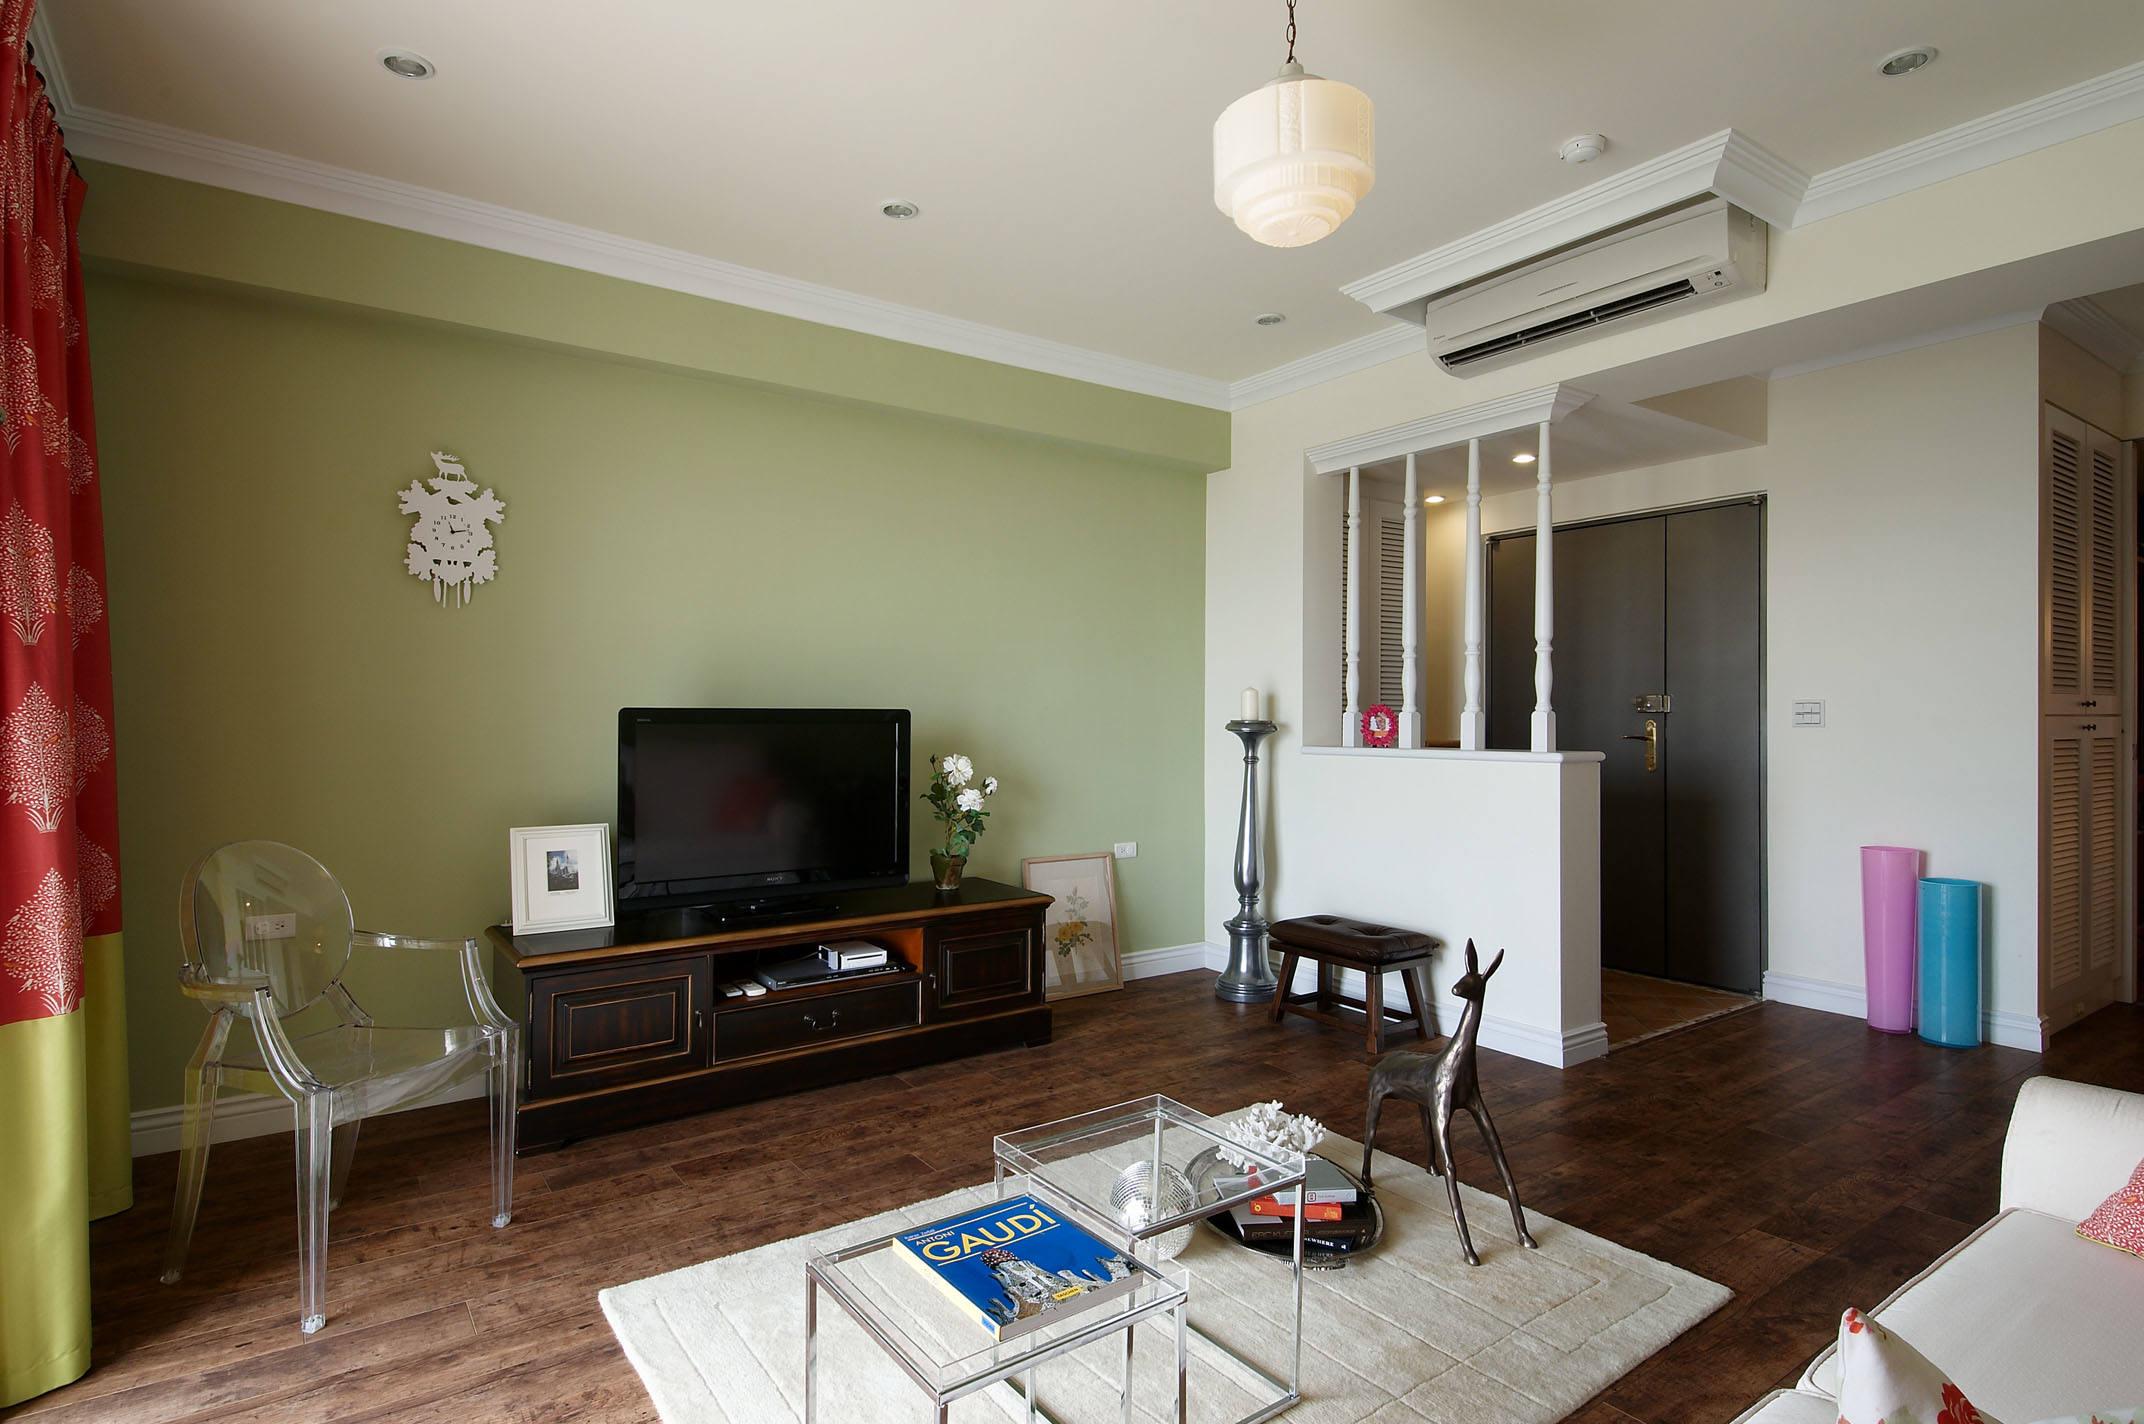 绿色清新简约宜家客厅设计装修效果图